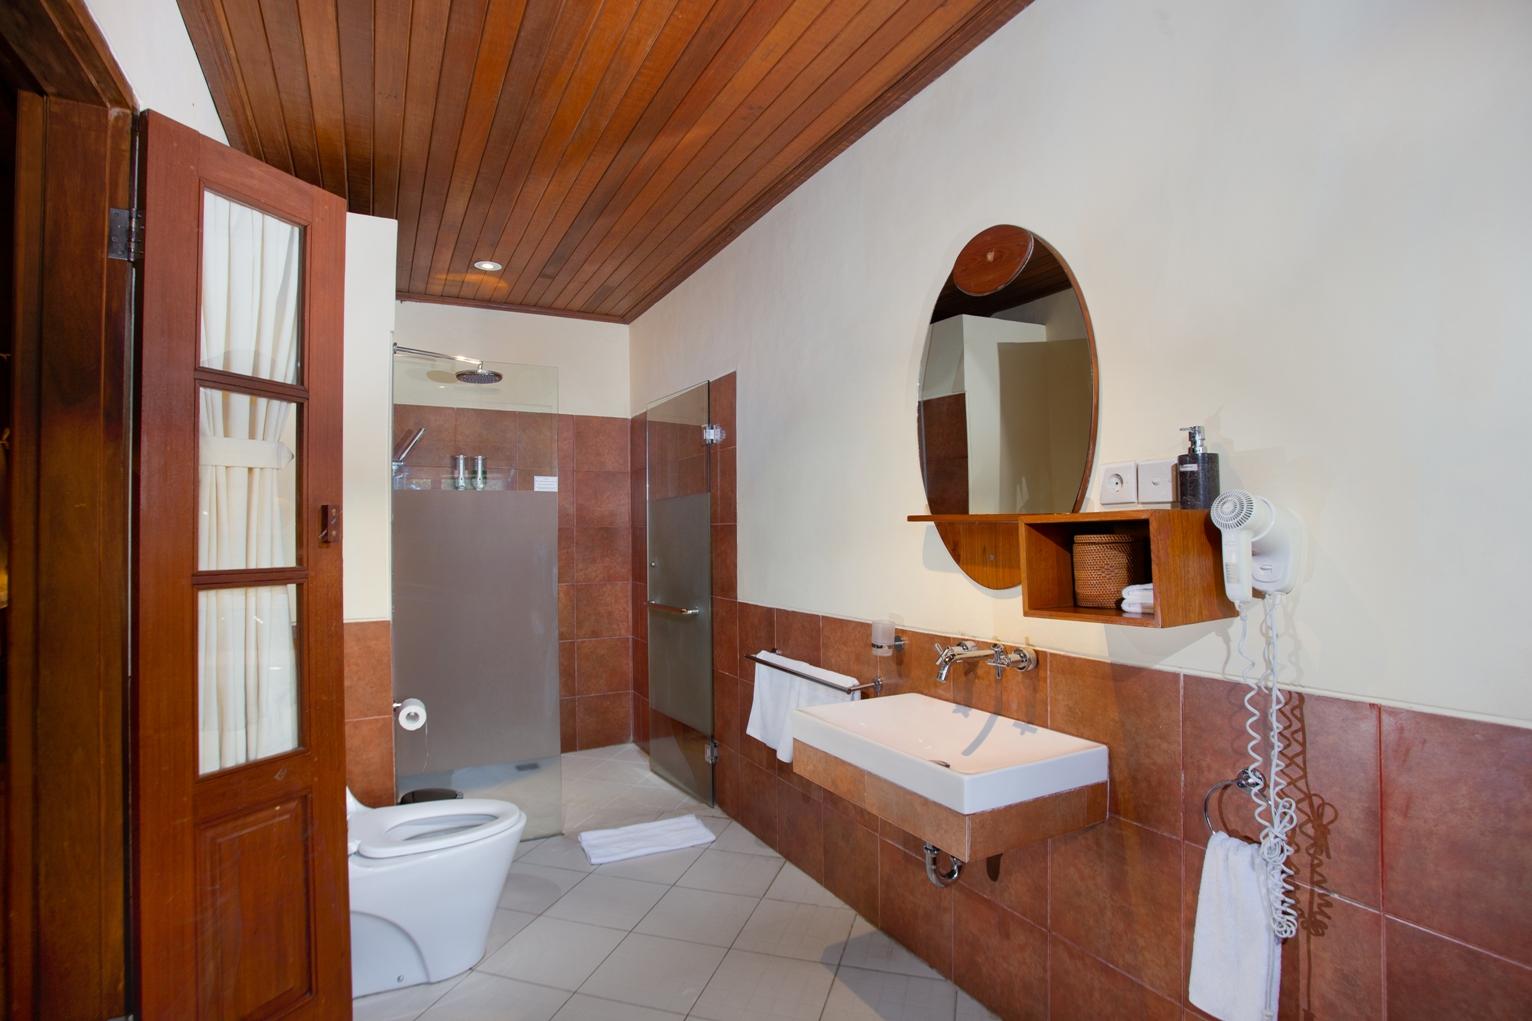 Bathroom - Super deluxe wooden